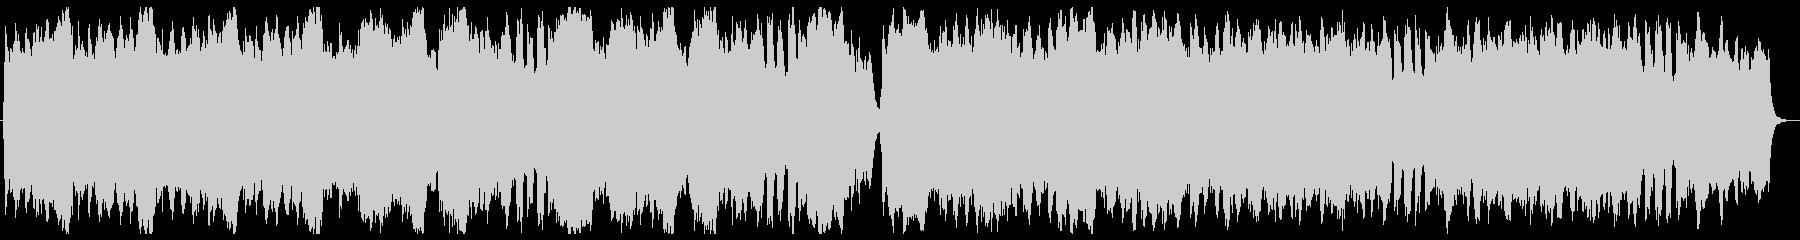 荒野の果てに オルゴール&Str.の未再生の波形